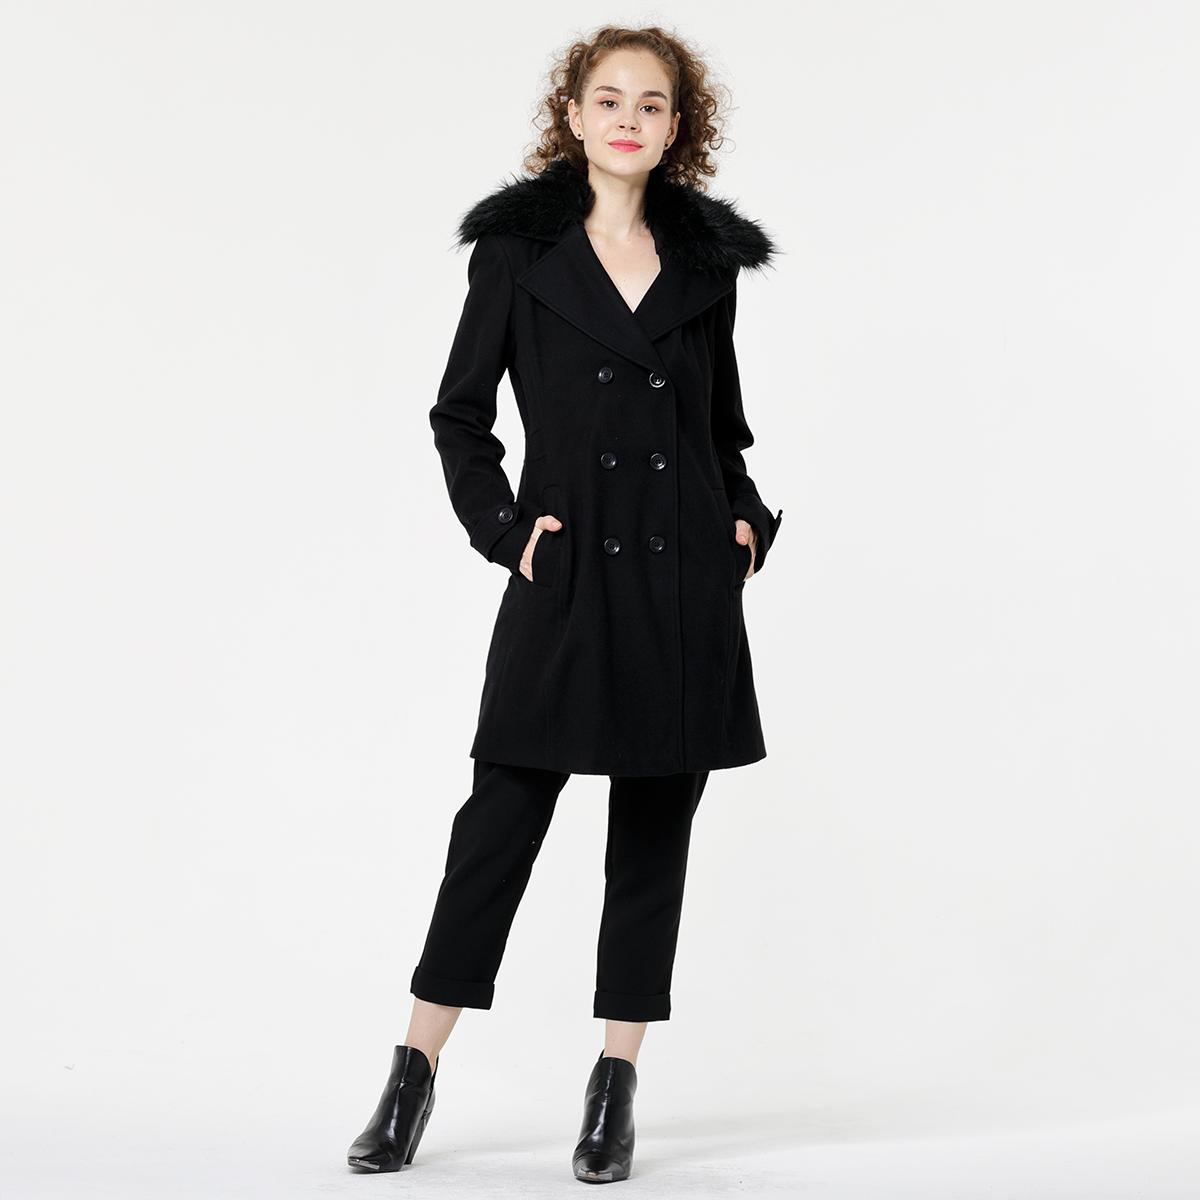 Lady's long woolen coat